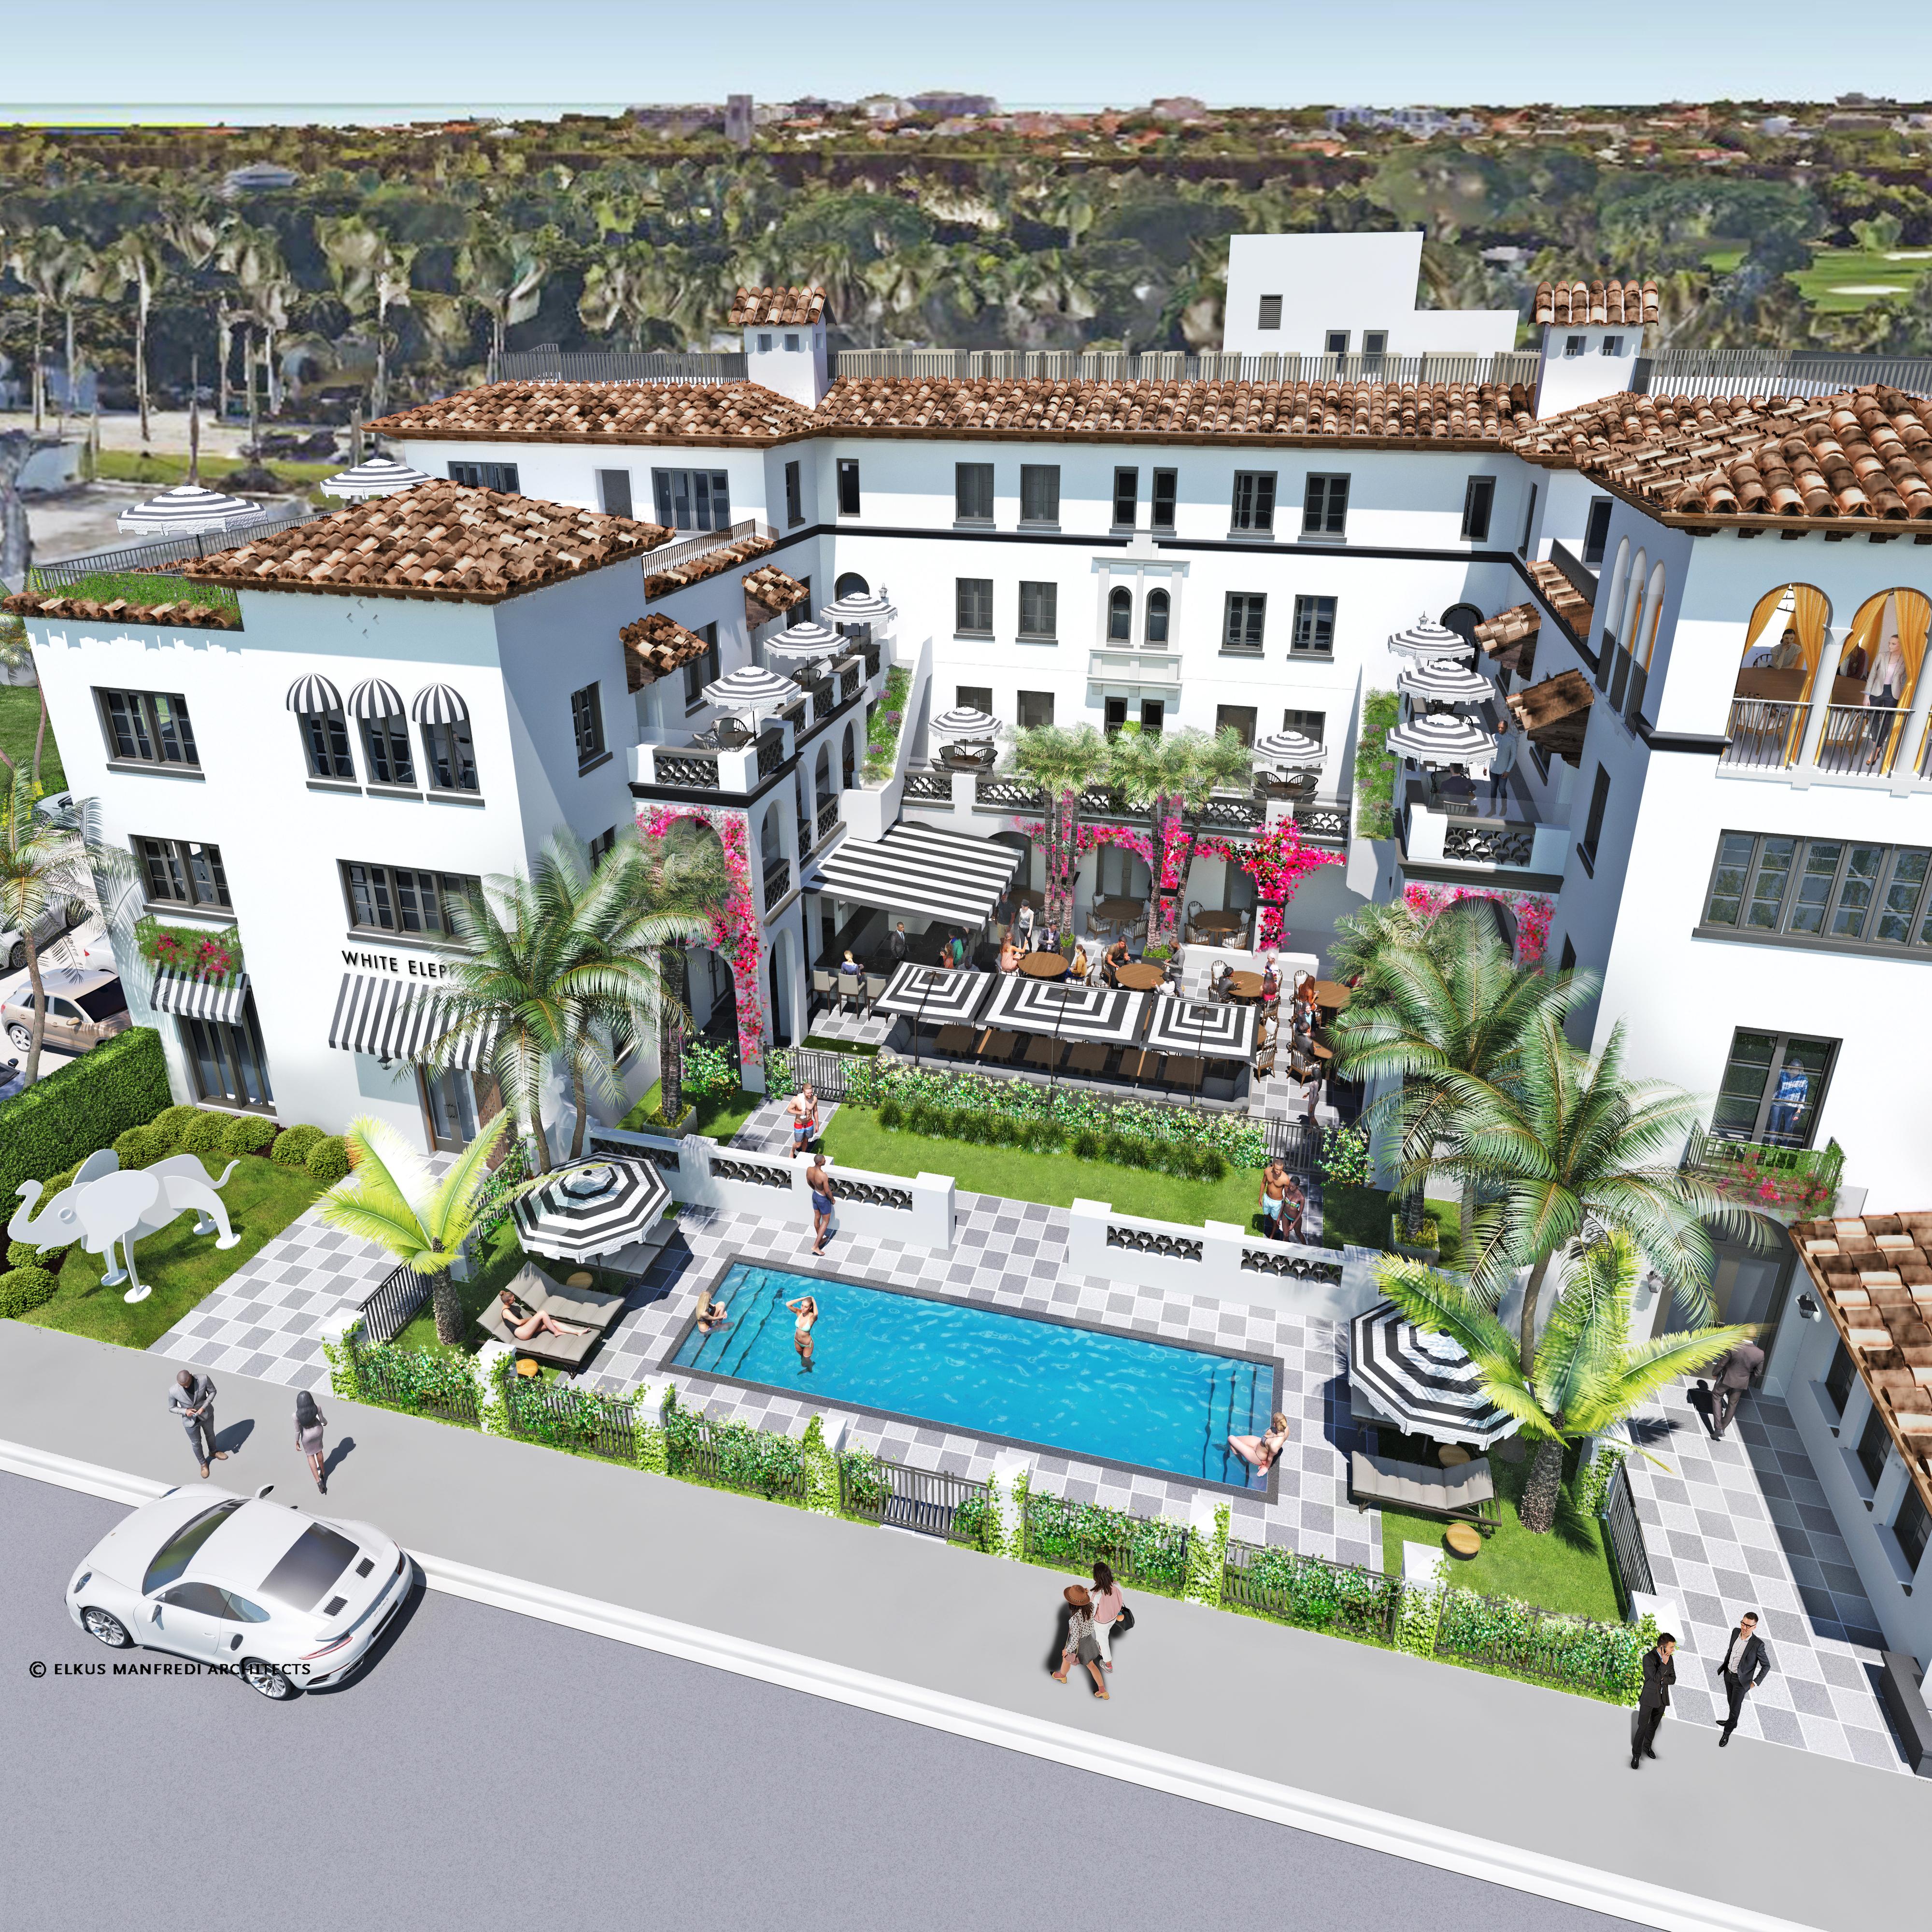 Courtyard Plan 8-14-19.jpg